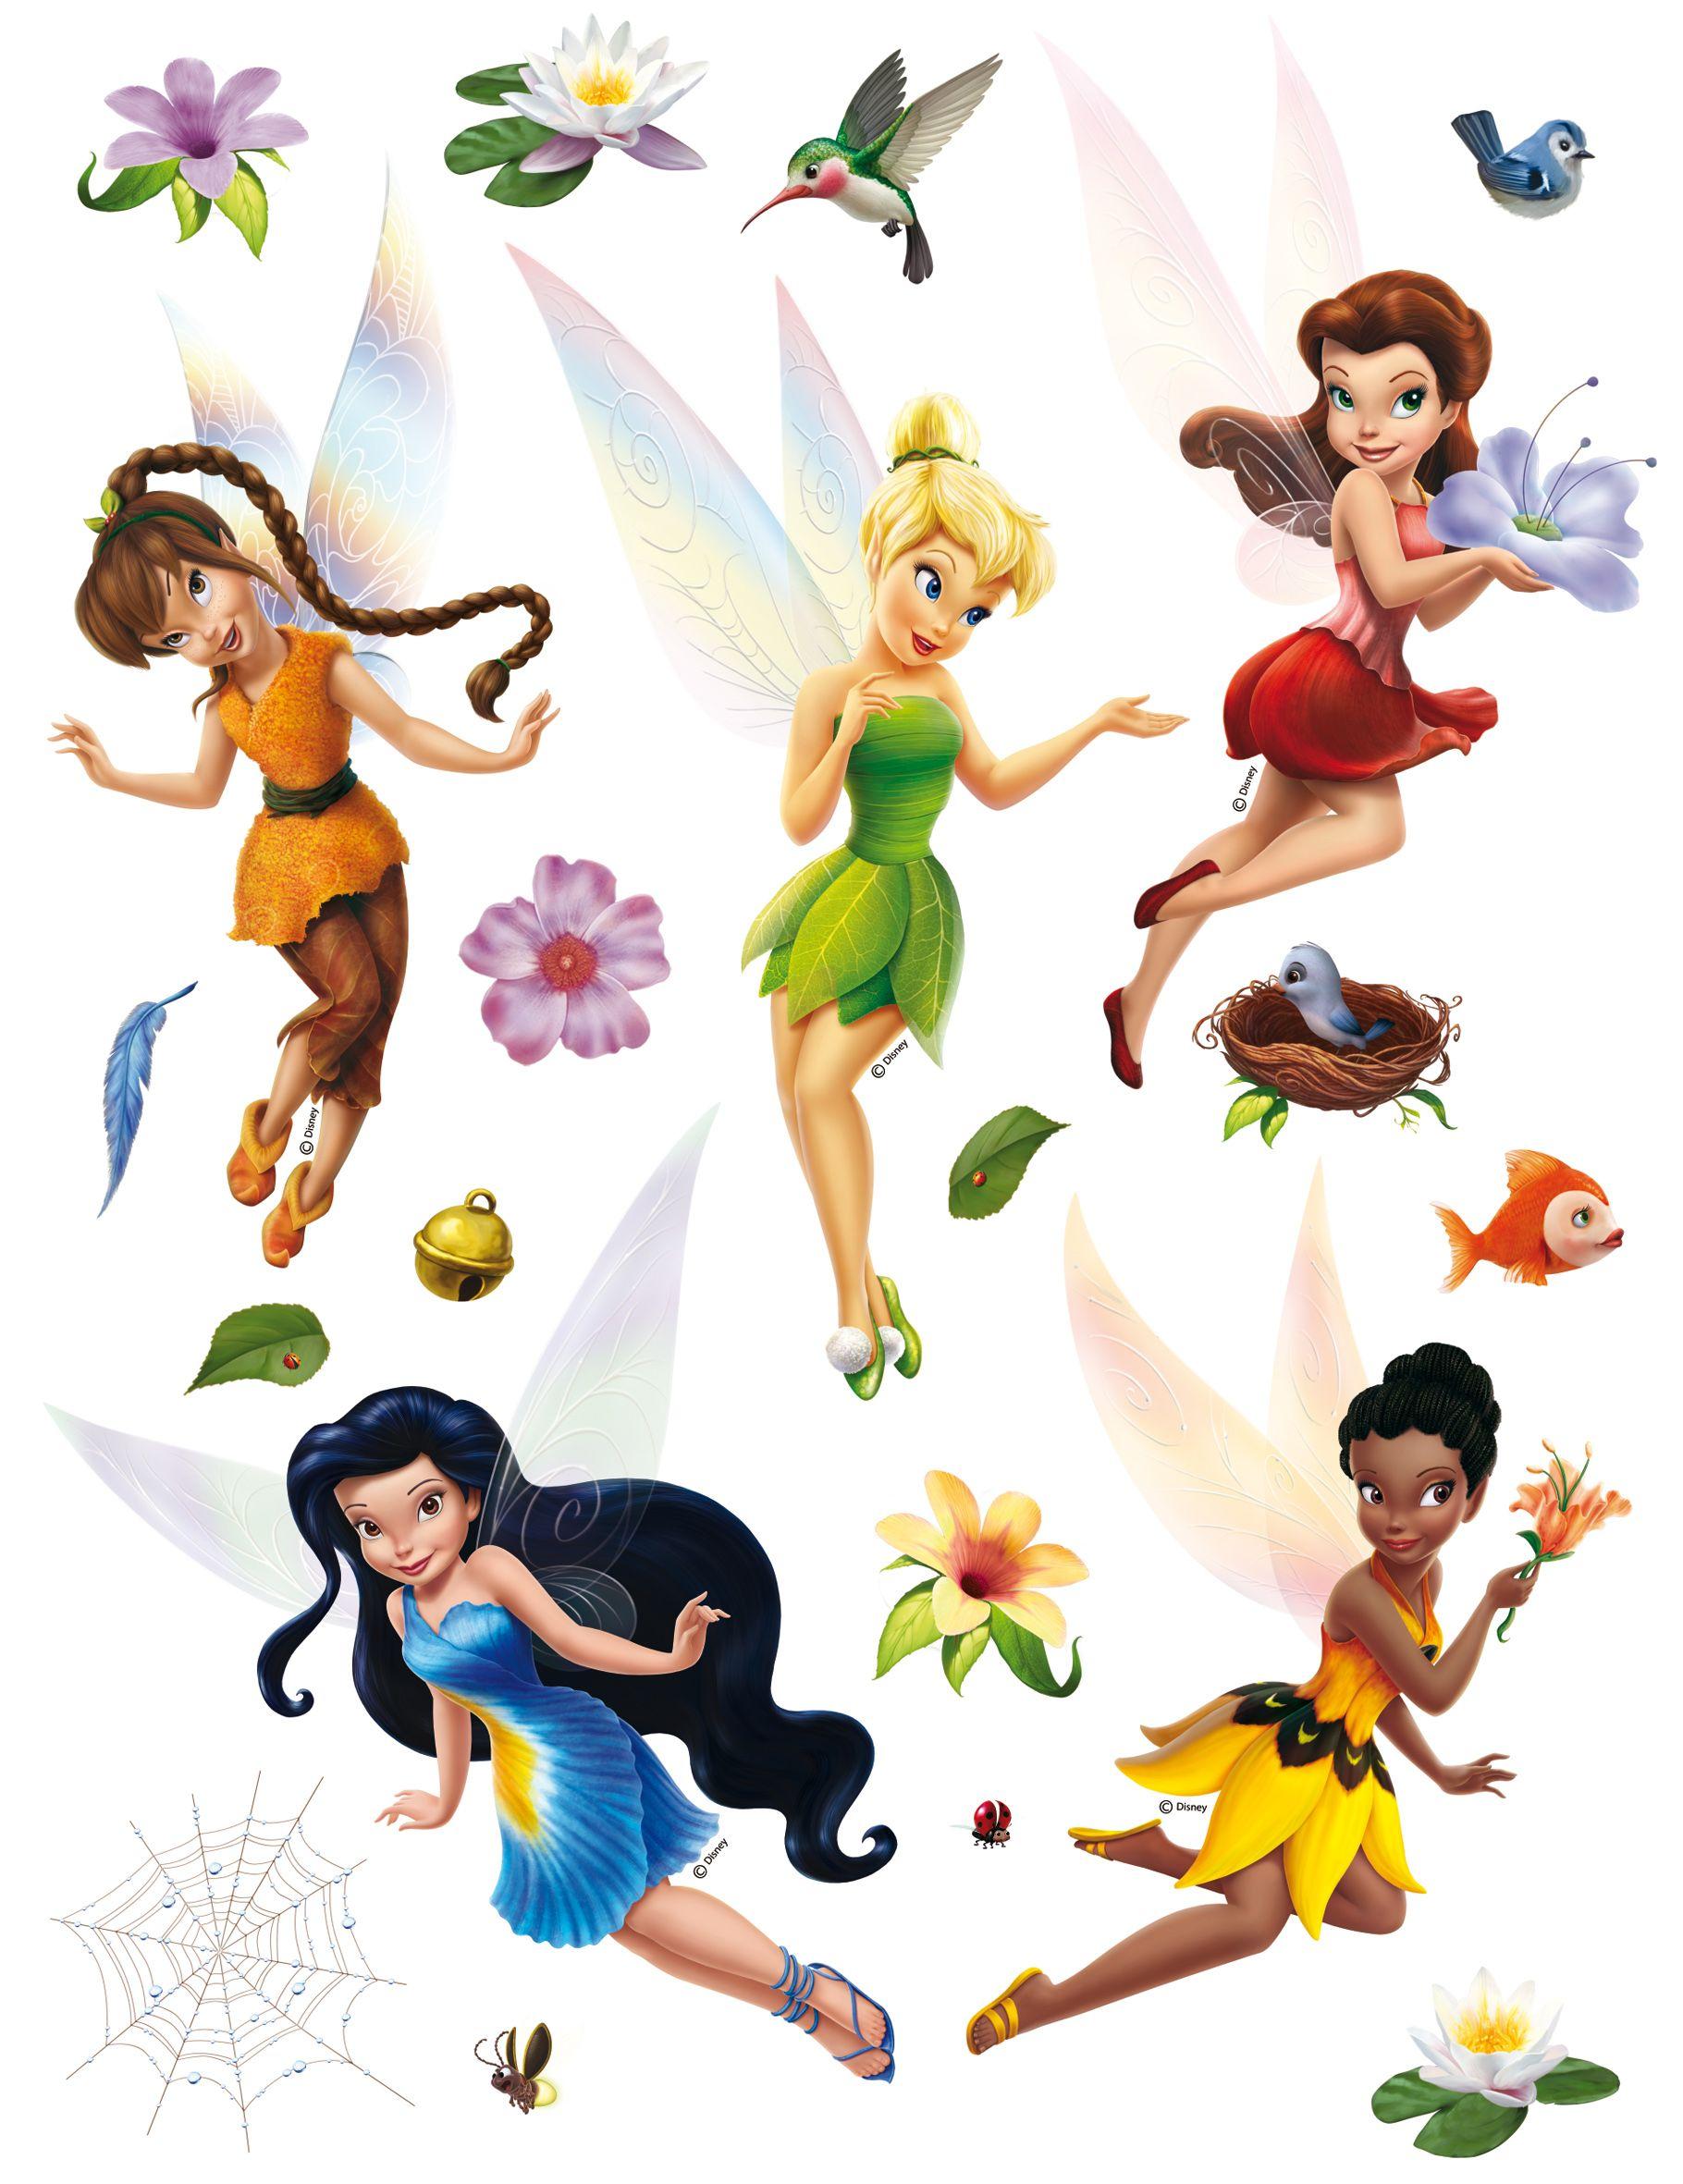 Cool Disney Fairies Deze mooie grote muurstickers van Tnkerbell en de Disney Elfjes zitten op een vel